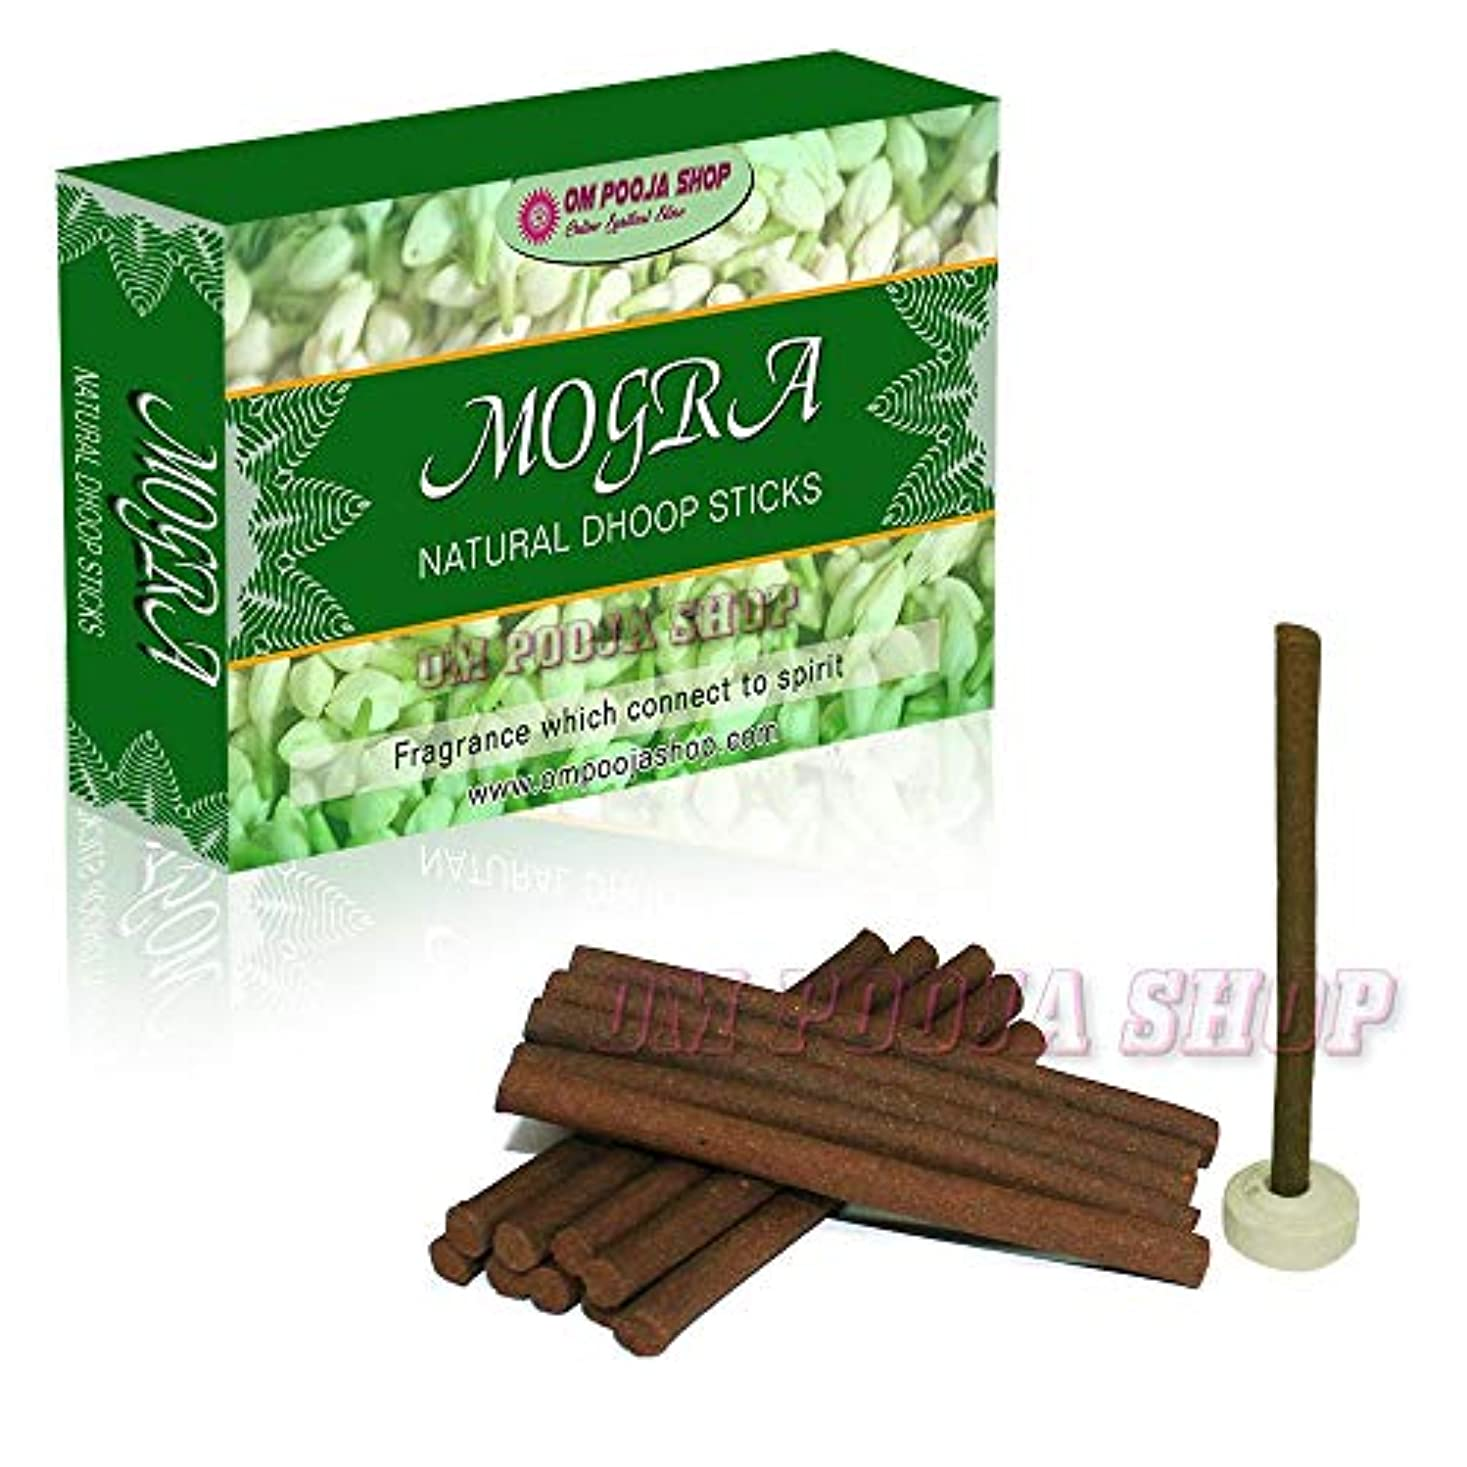 ユーモラス傷つきやすい時代Om Pooja Shop Mogra (ジャスミンの花) 天然のフープスティック 100本